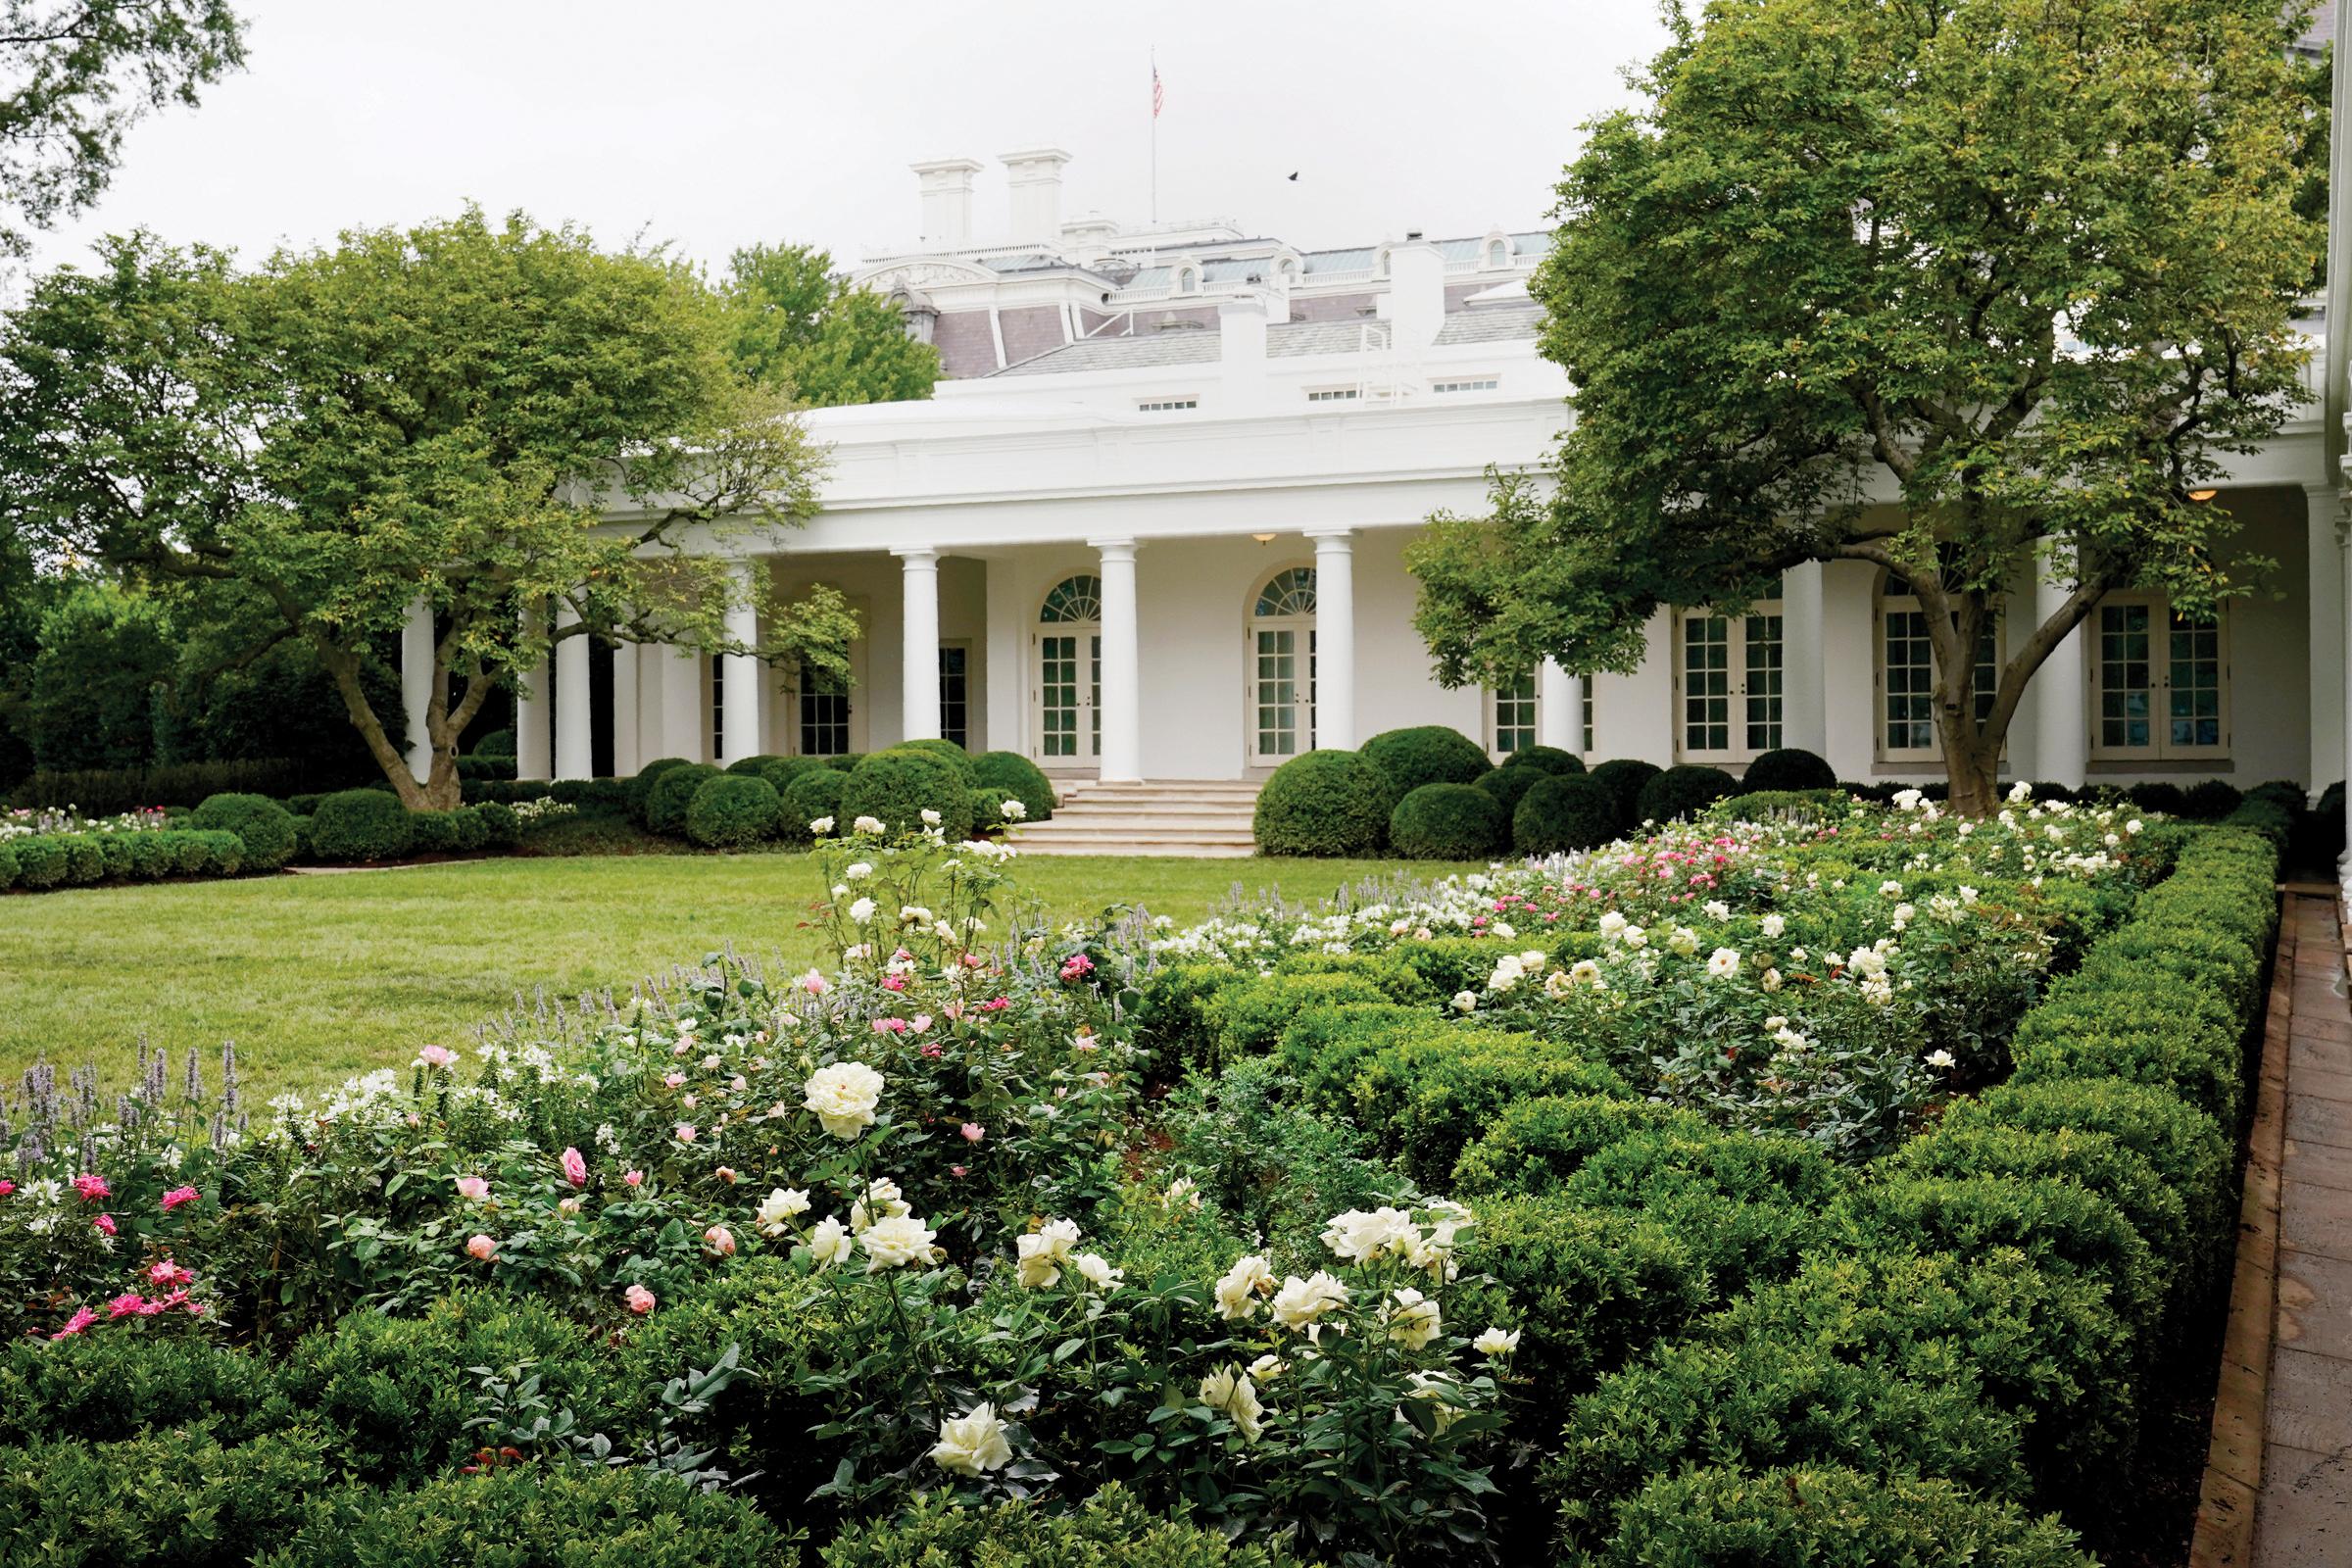 Se reanundan visitas guiadas a la Casa Blanca